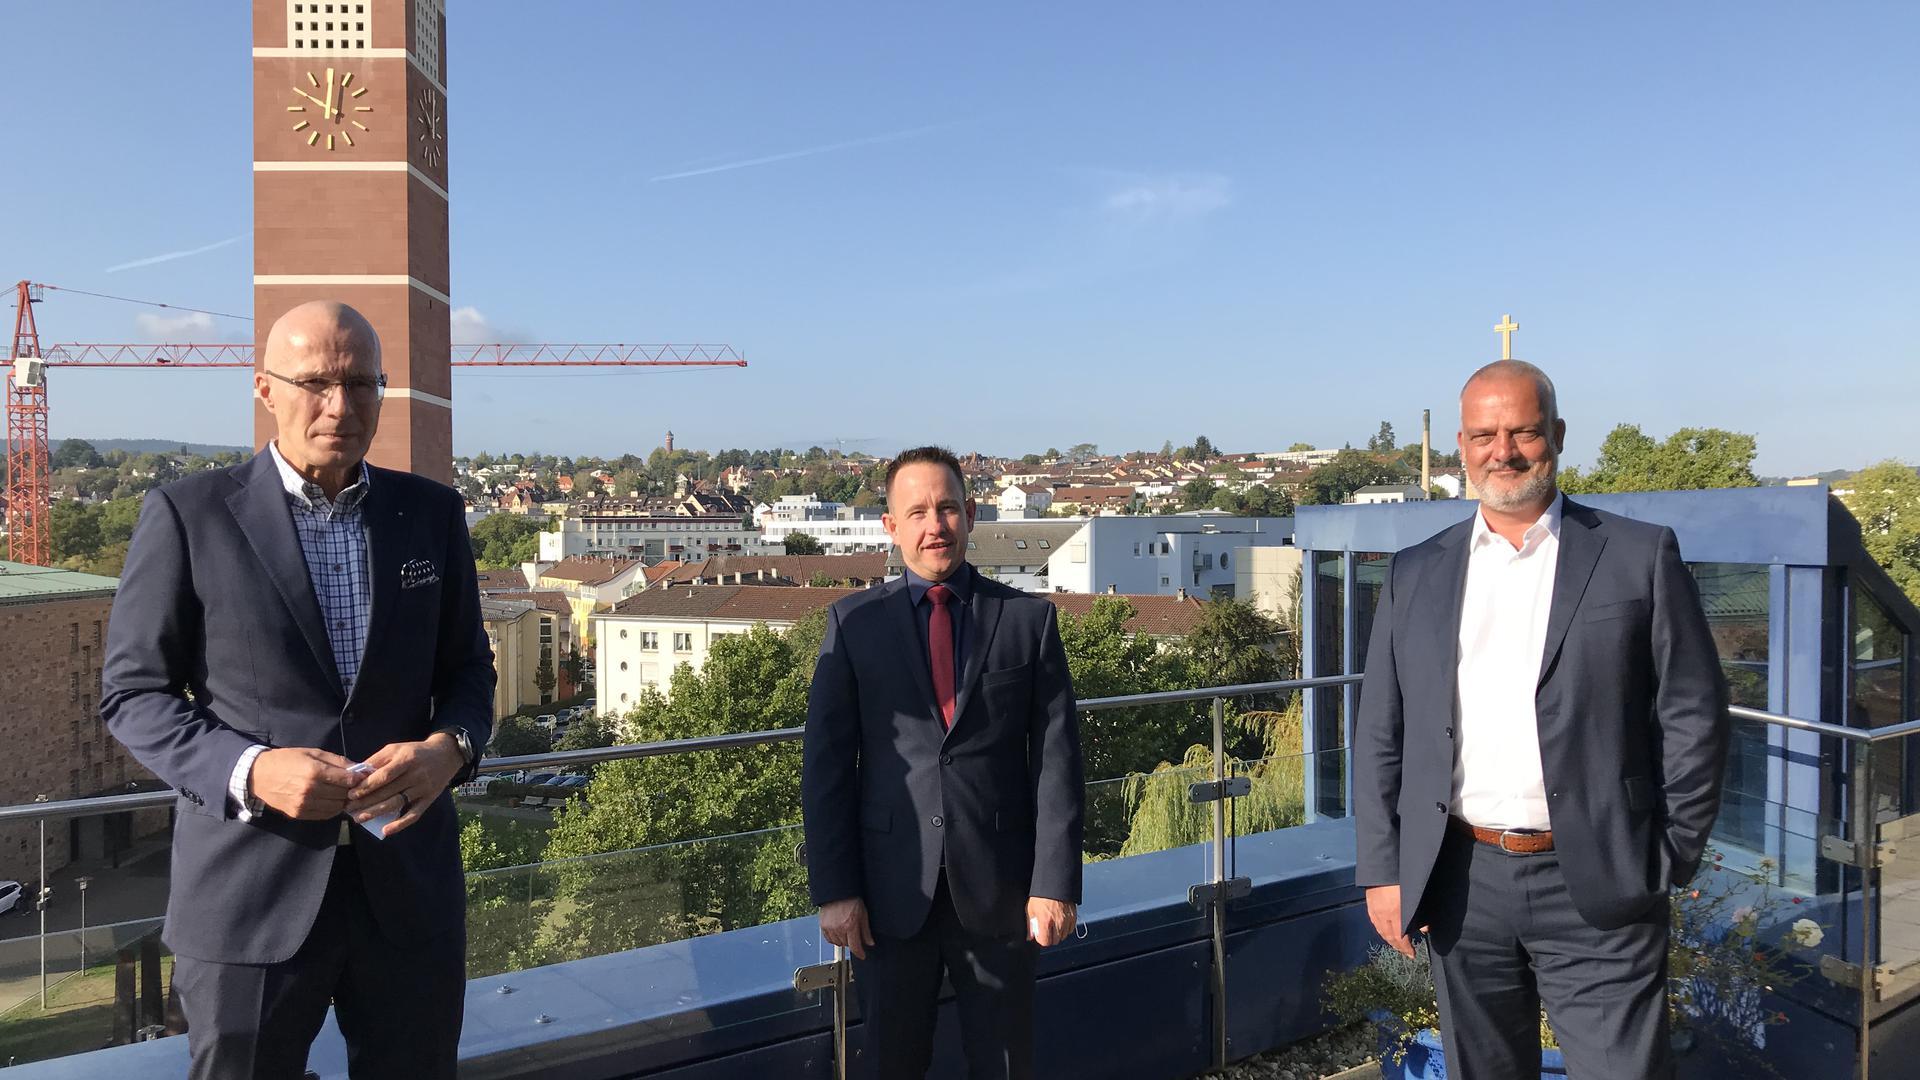 Michel Loris Melikoff, Guido Grohmann und Joachim Dünkelmann auf dem Dach des Parkhotel